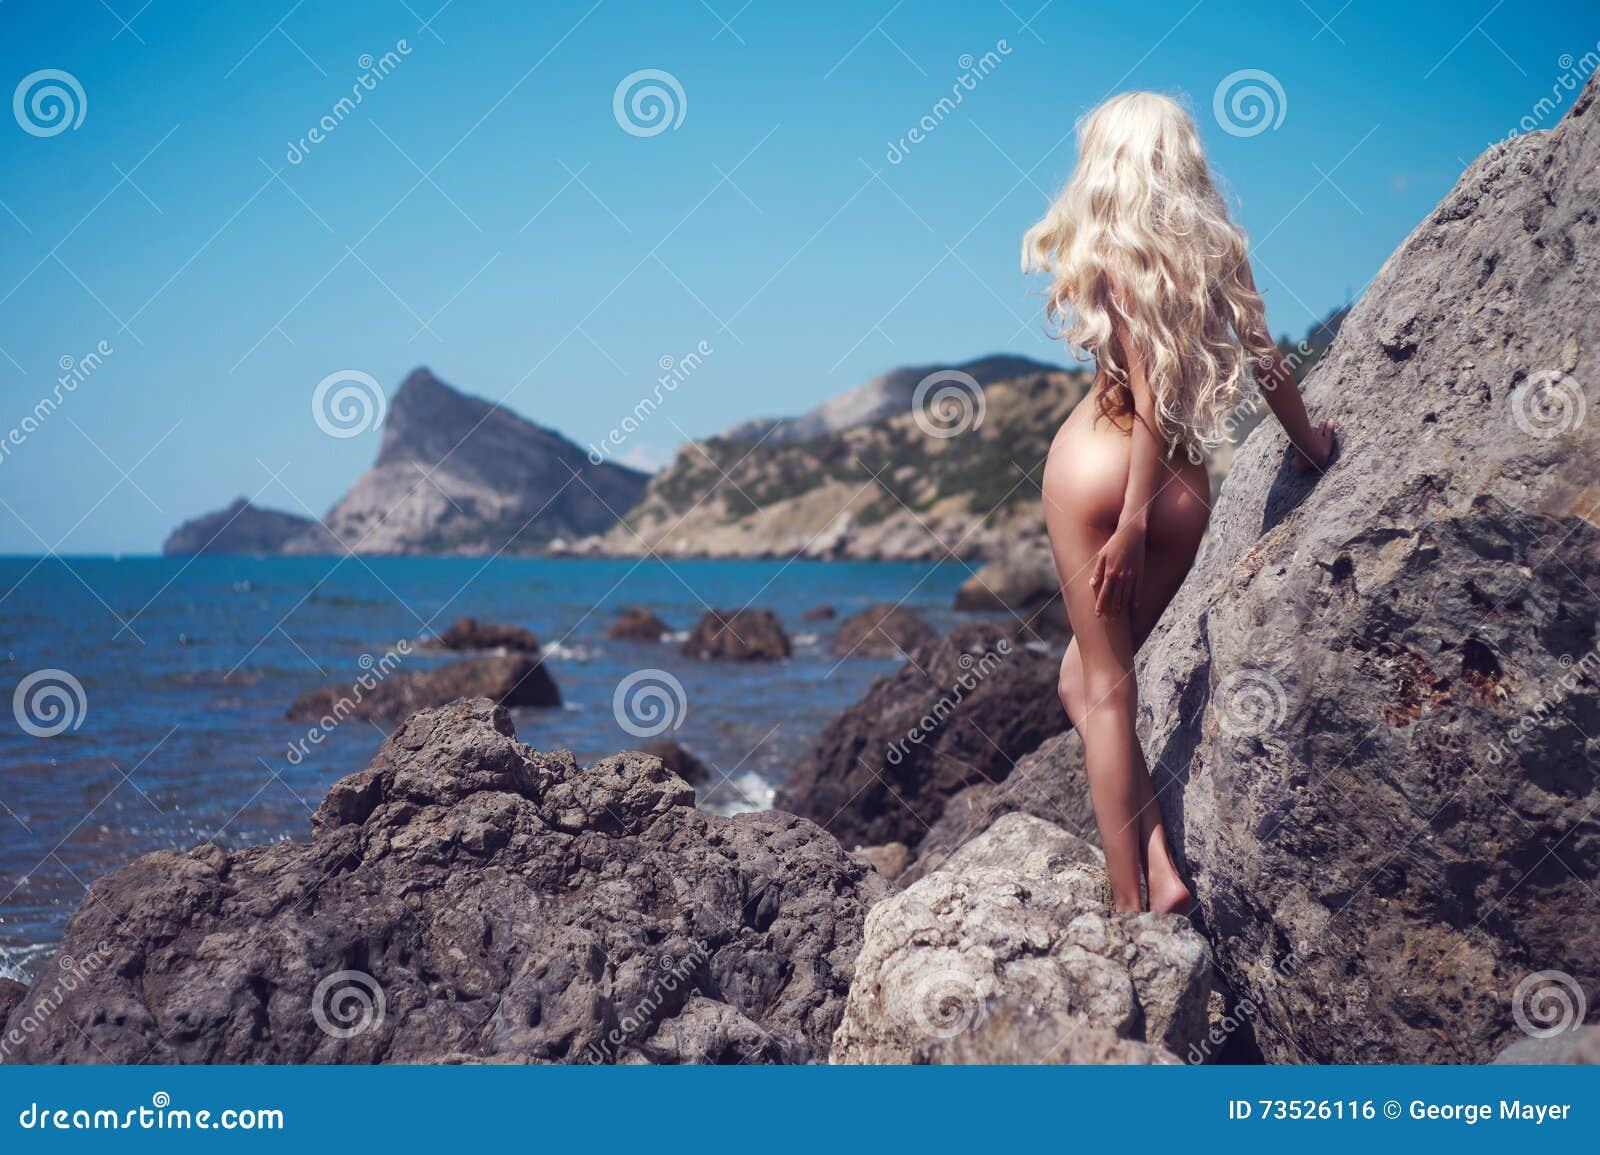 woman boob tattoos